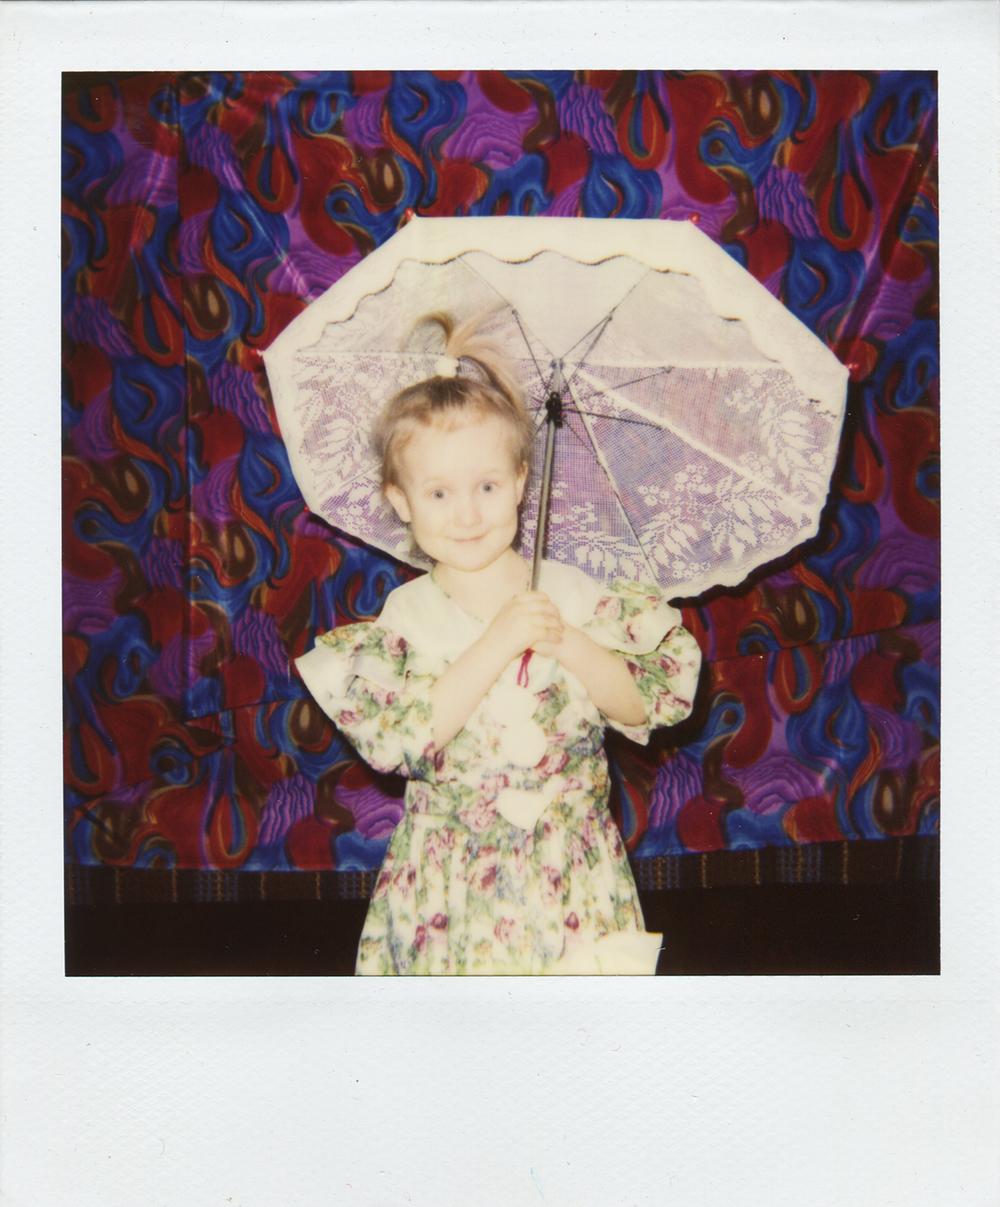 Polaroid_1993_Polina_Shubkina-012 copy.jpg